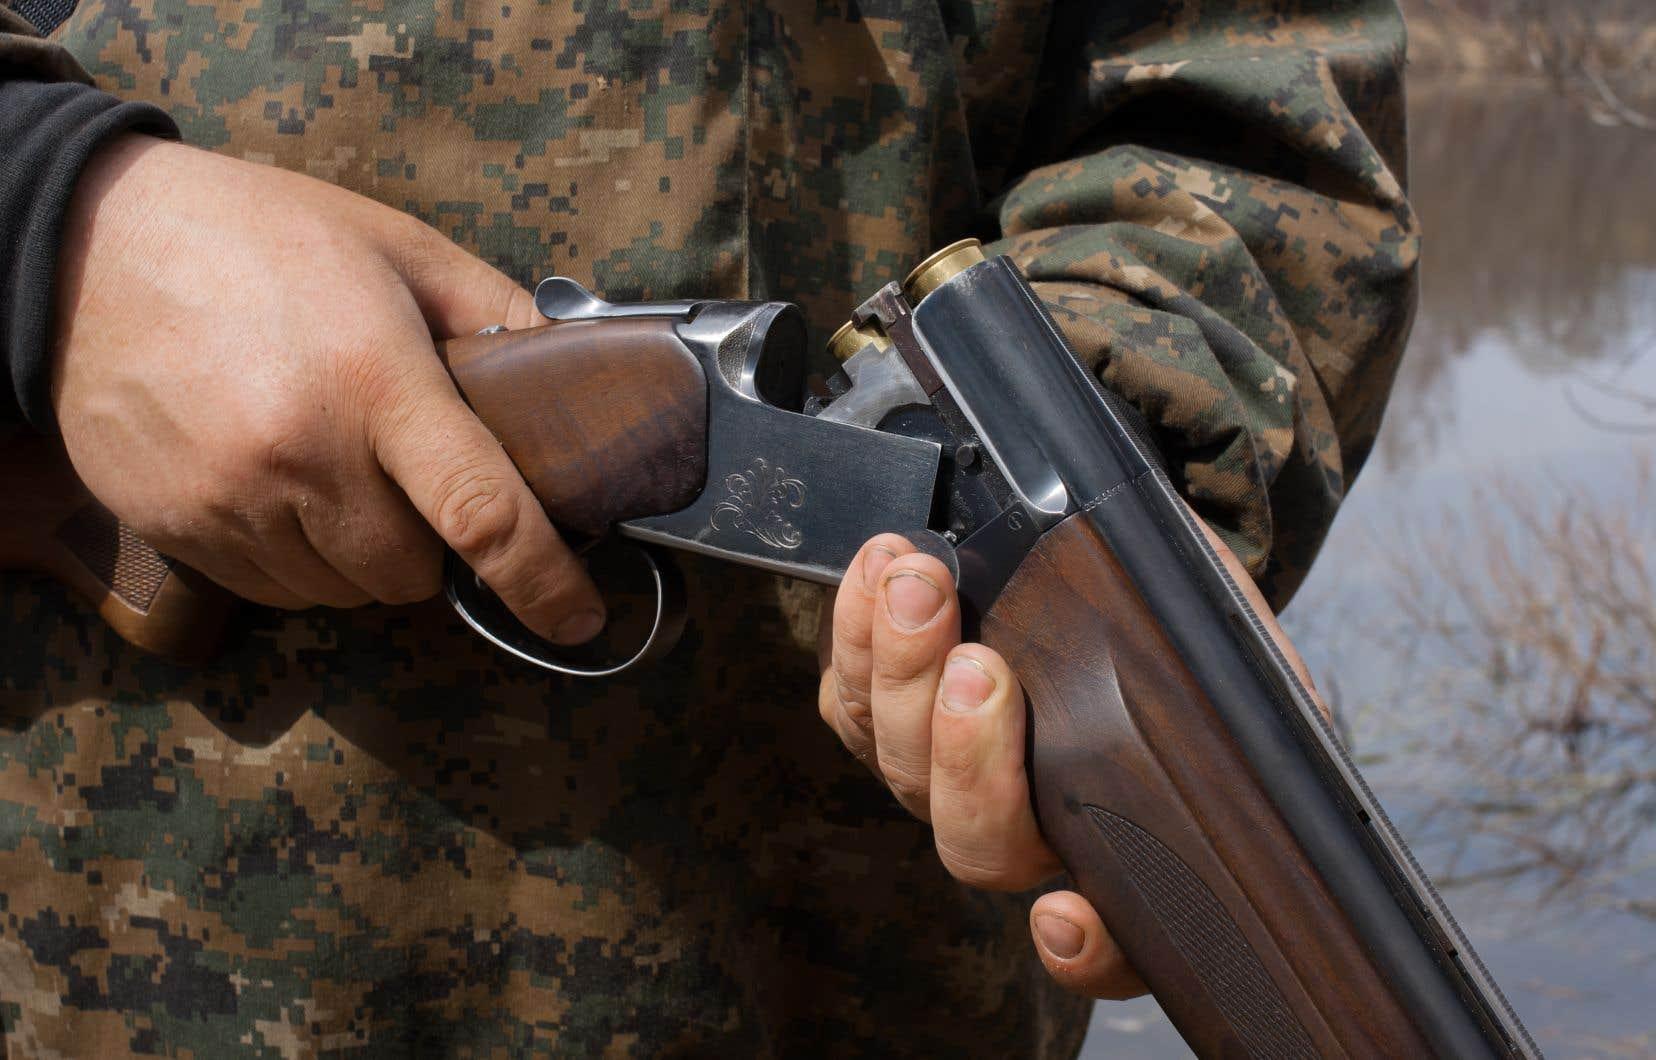 Seulement 510000 armes ont été enregistrées depuis janvier, alors qu'il y en aurait 1,6million en circulation.